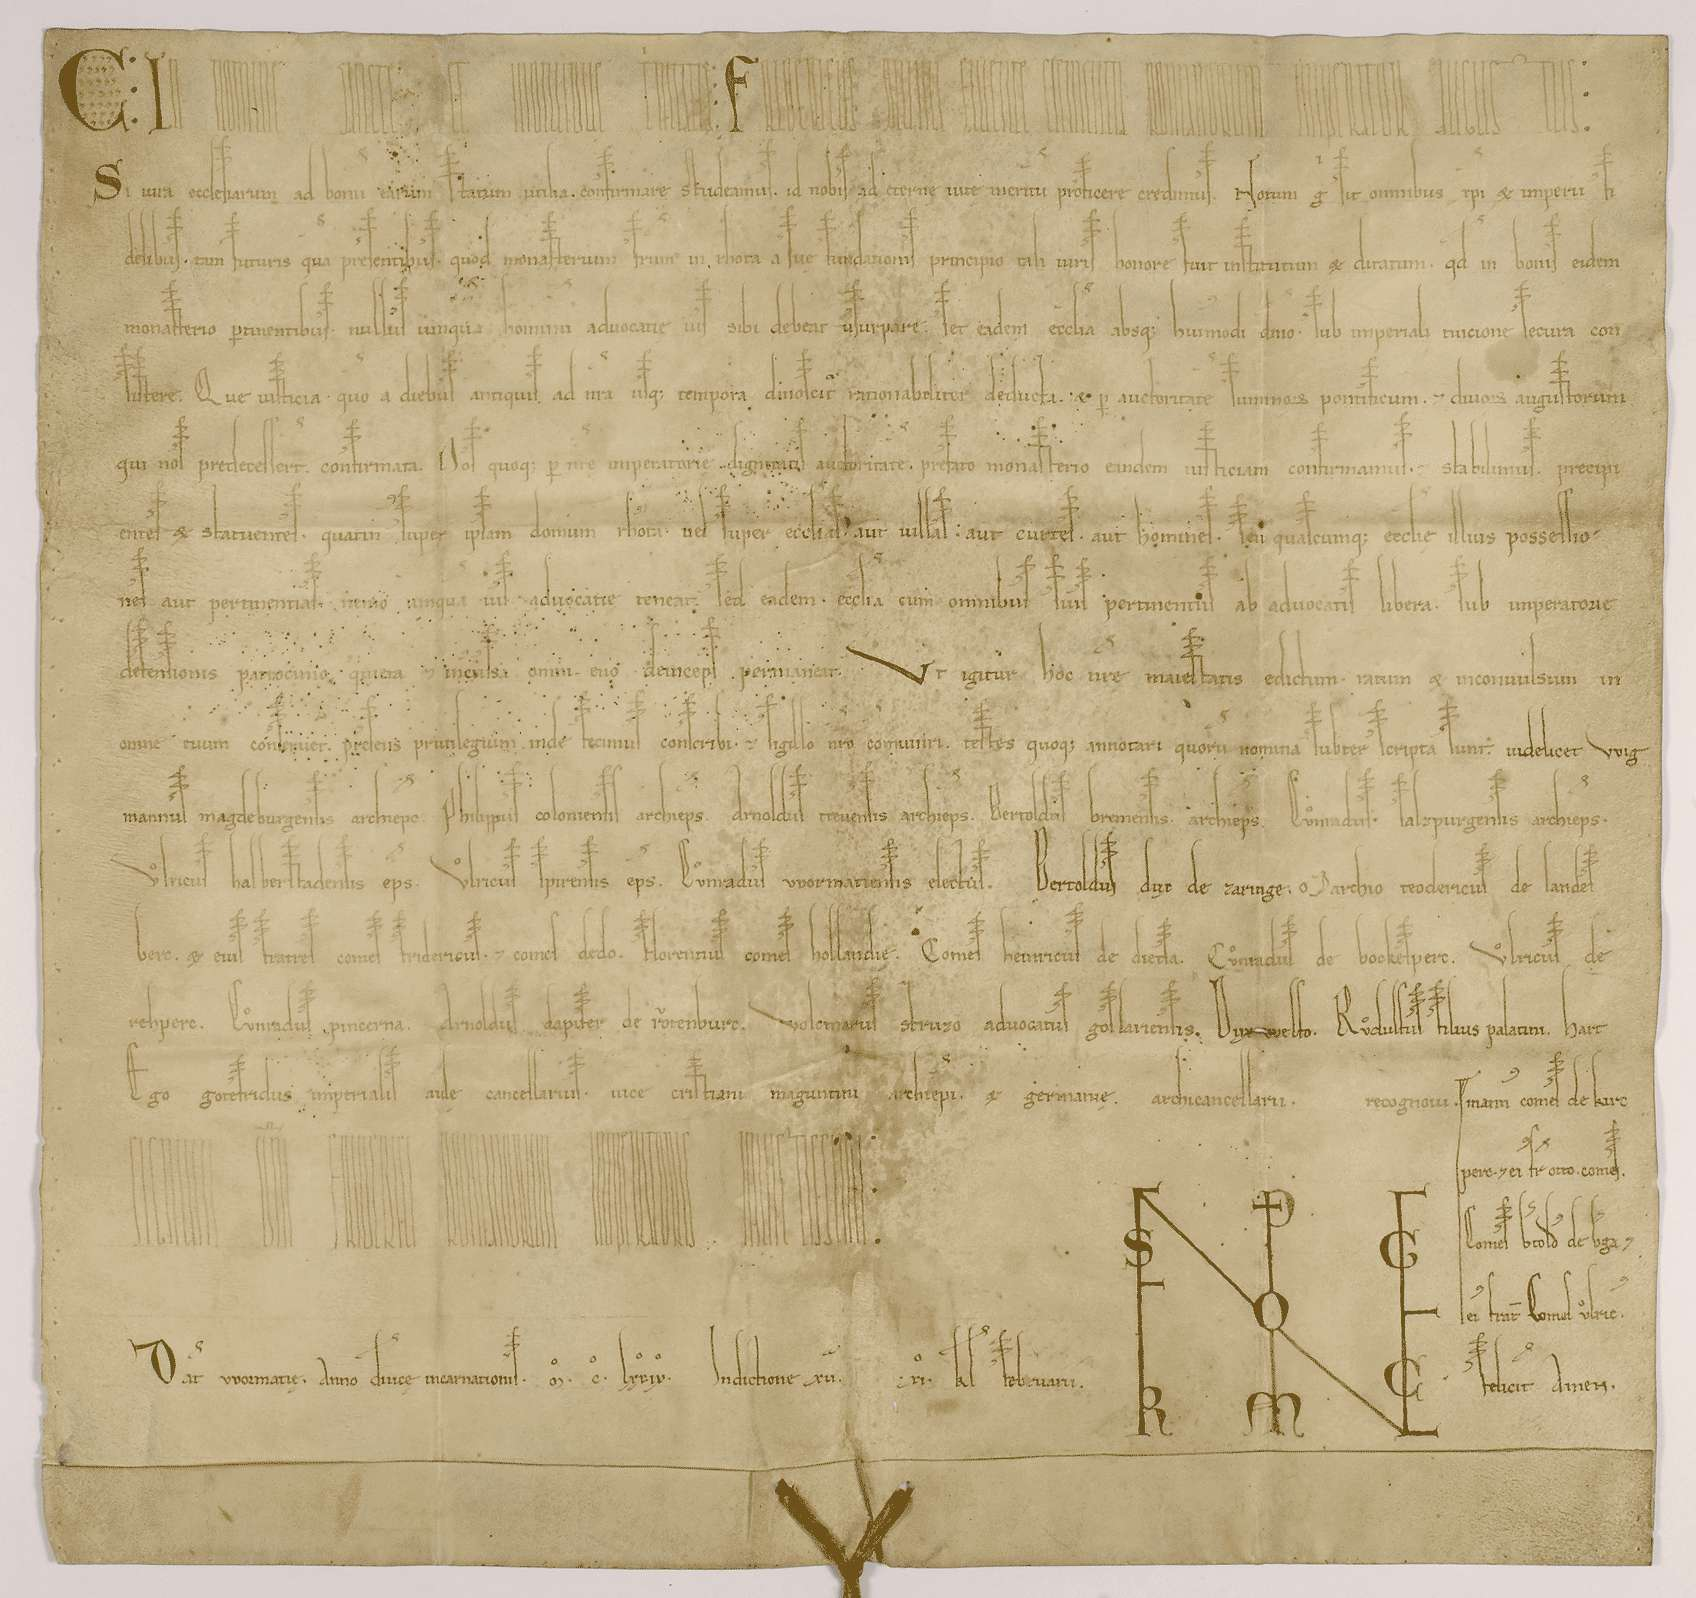 Kaiser Friederich (I.) bestätigt dem Kloster Rot seine seit Gründung bestehende Freiheit von jeder Vogteigewalt und die Unterstellung unter kaiserlichen Schutz., Bild 1